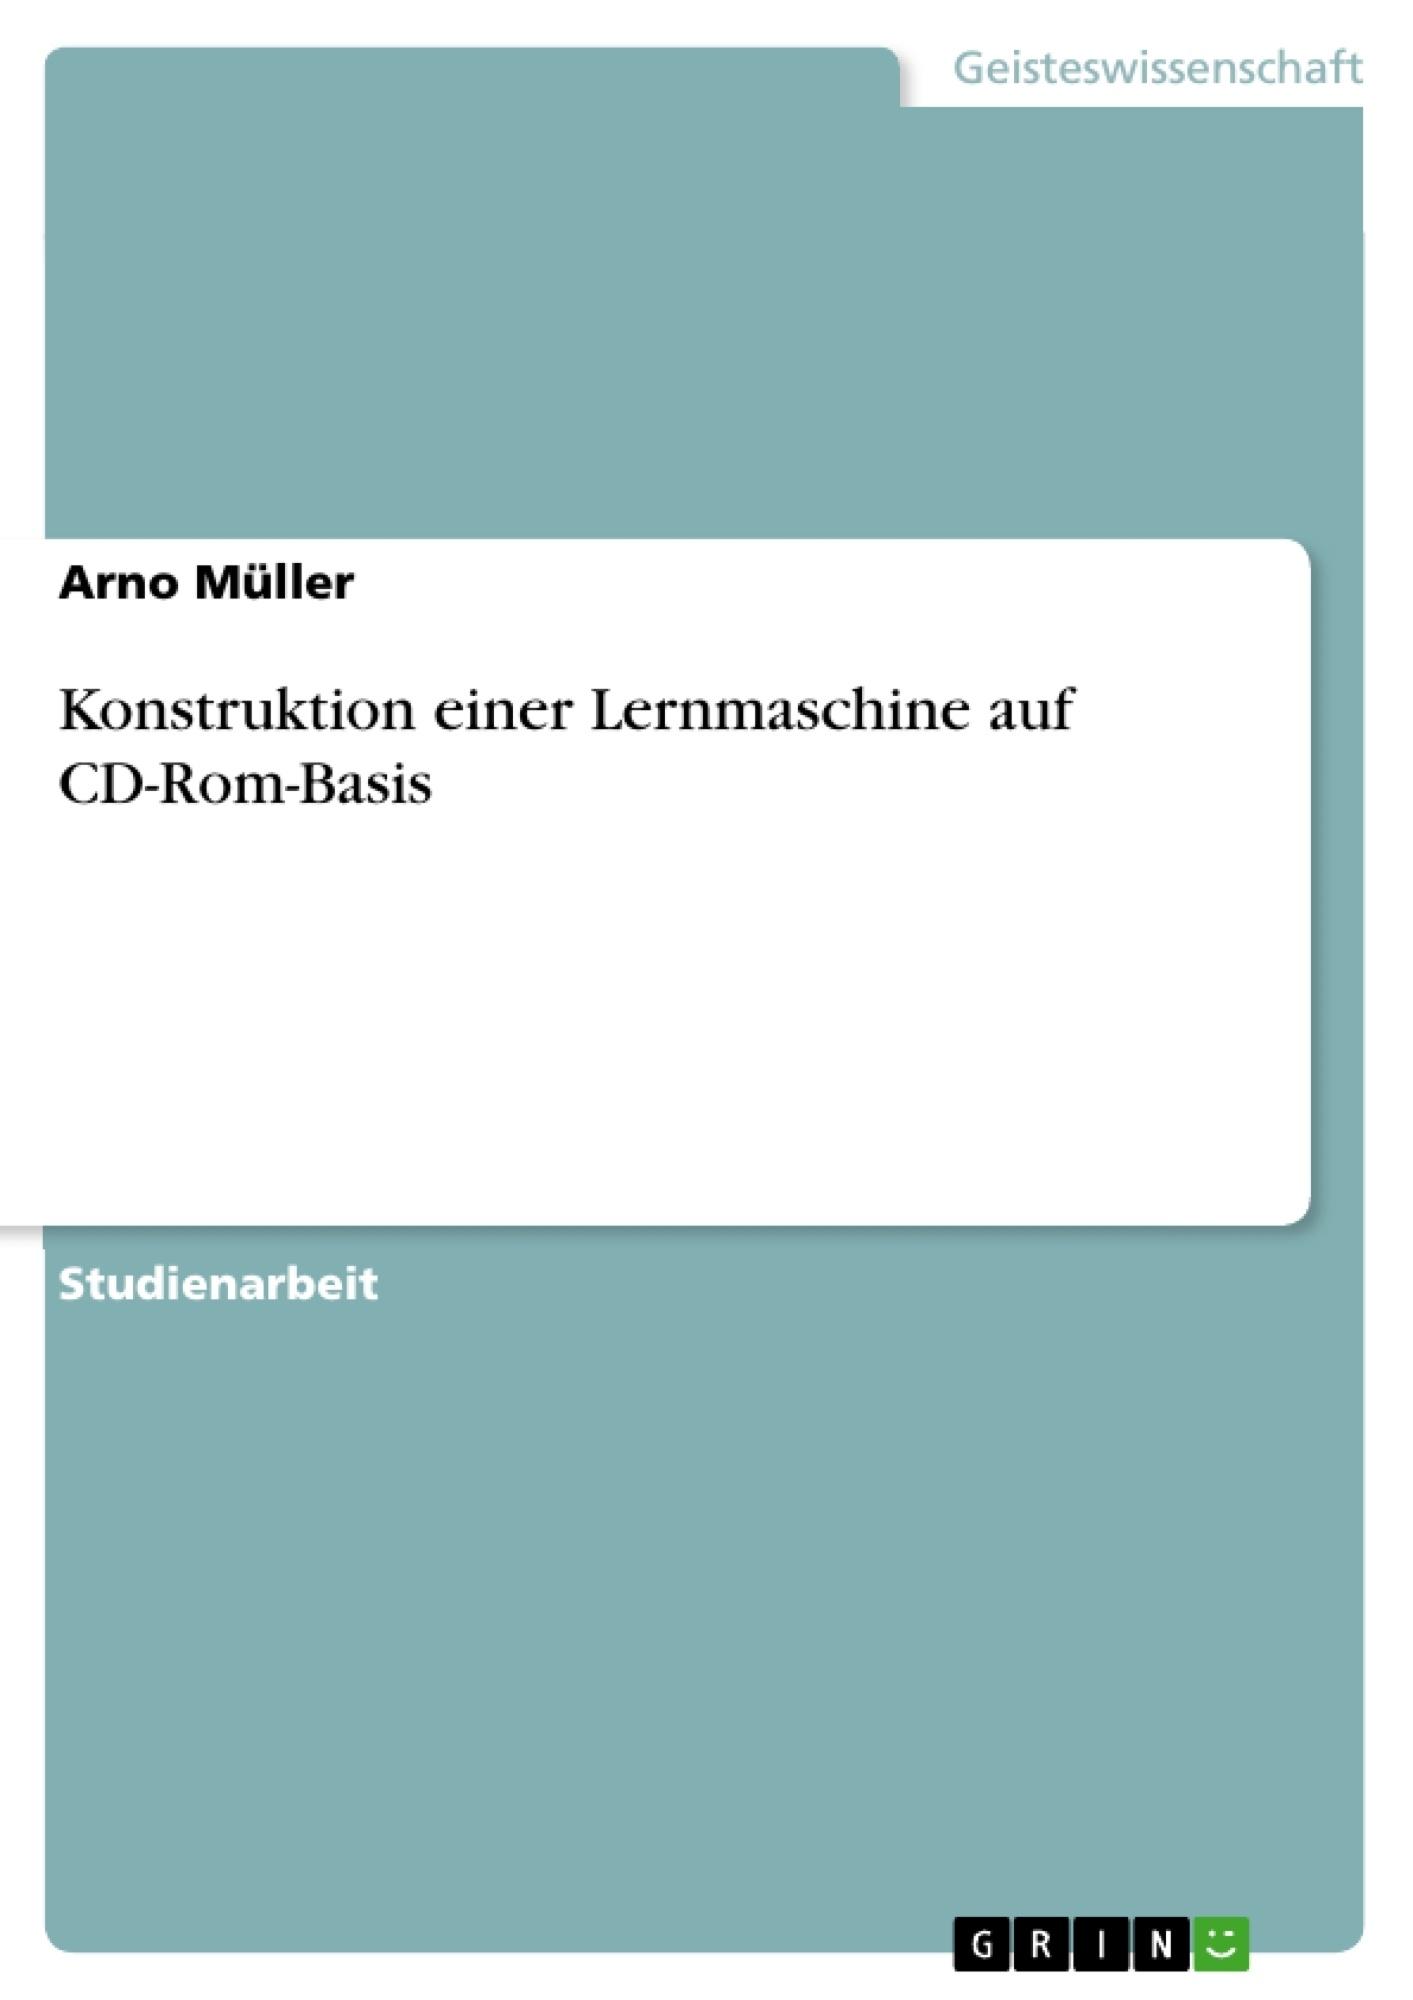 Titel: Konstruktion einer Lernmaschine auf CD-Rom-Basis